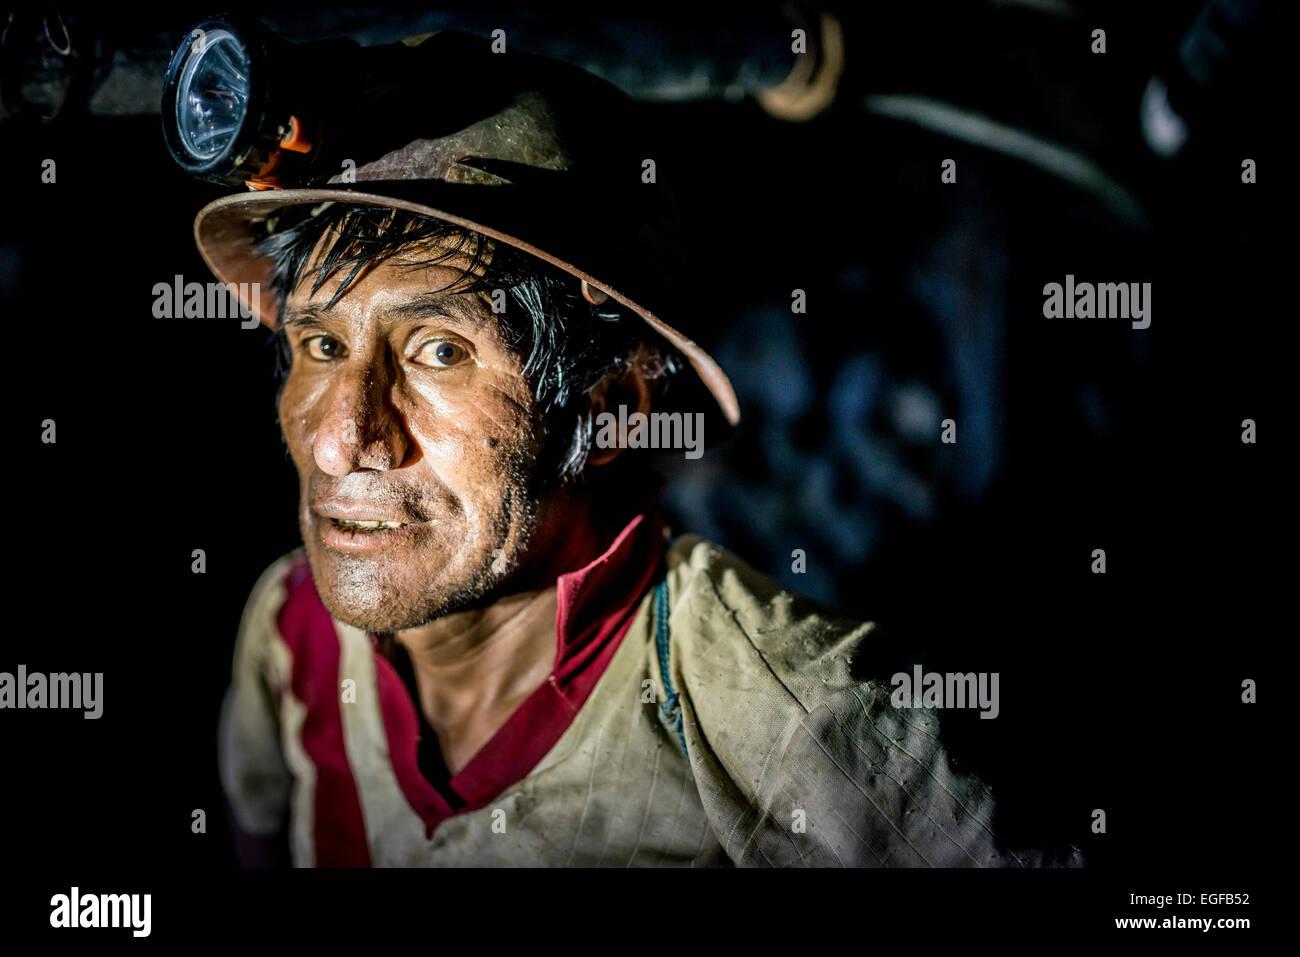 Portrait of Vicente, The Mines of Cerro Rico, Potosi, Southern Altiplano, Bolivia - Stock Image